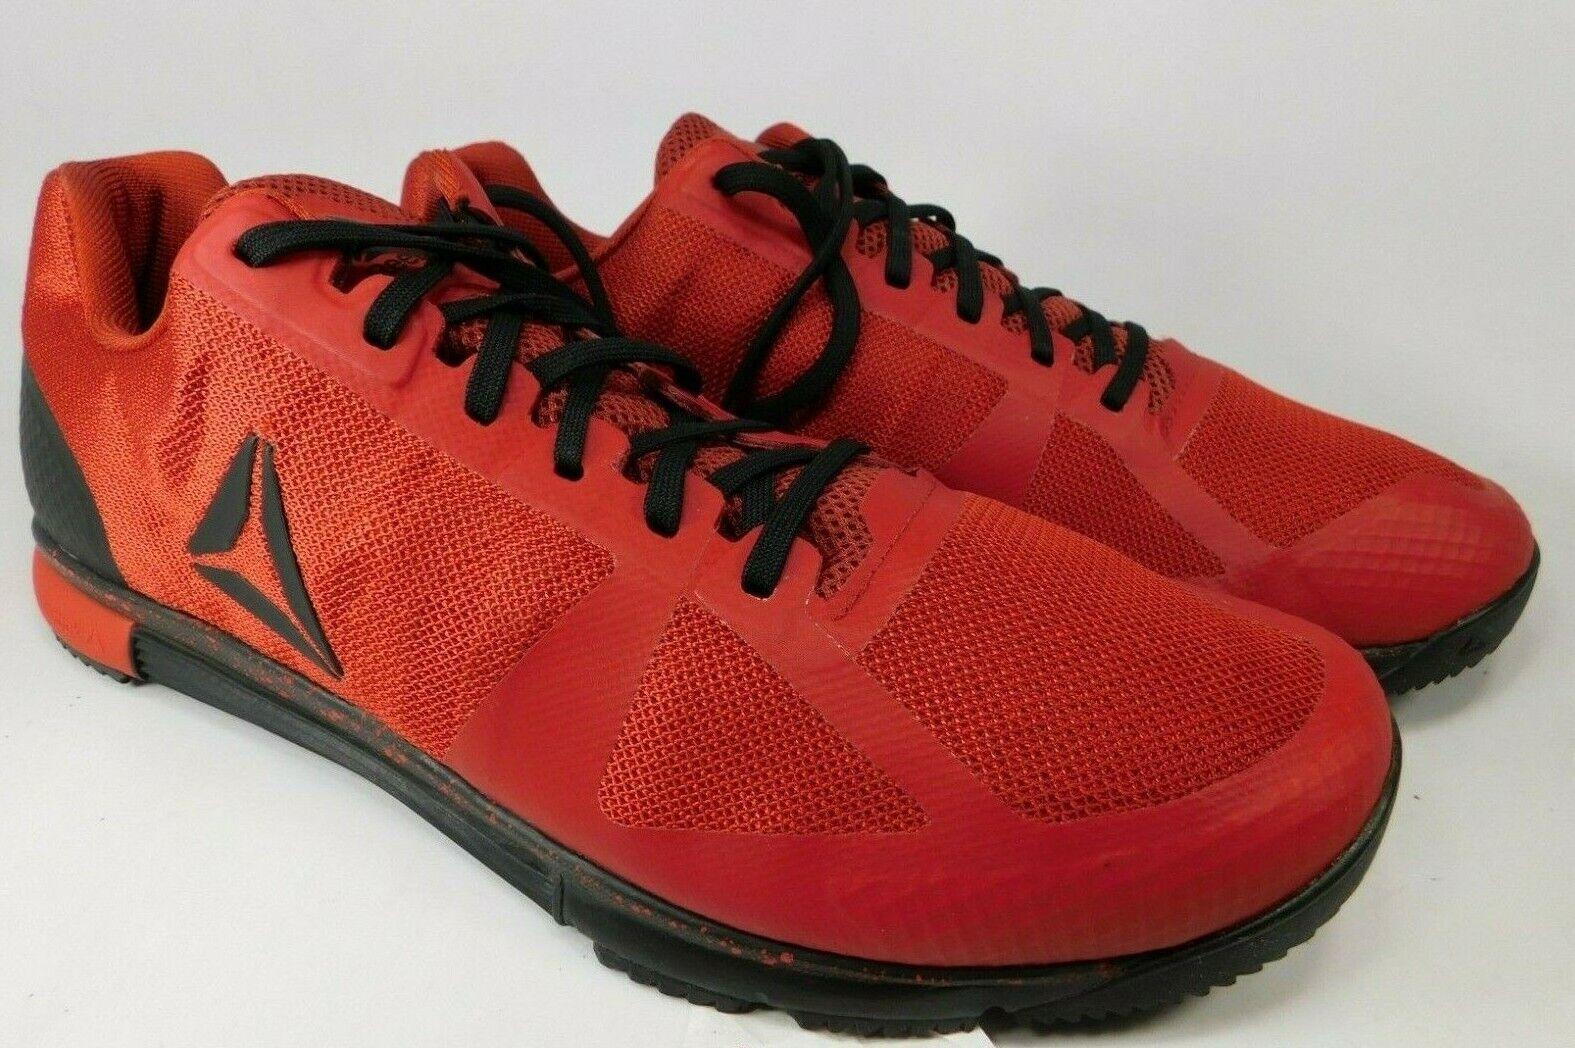 Reebok CrossFit Speed TR 2.0 tamaño 11.5 m (D) EU 45 para hombres zapatos de entrenamiento CN1008